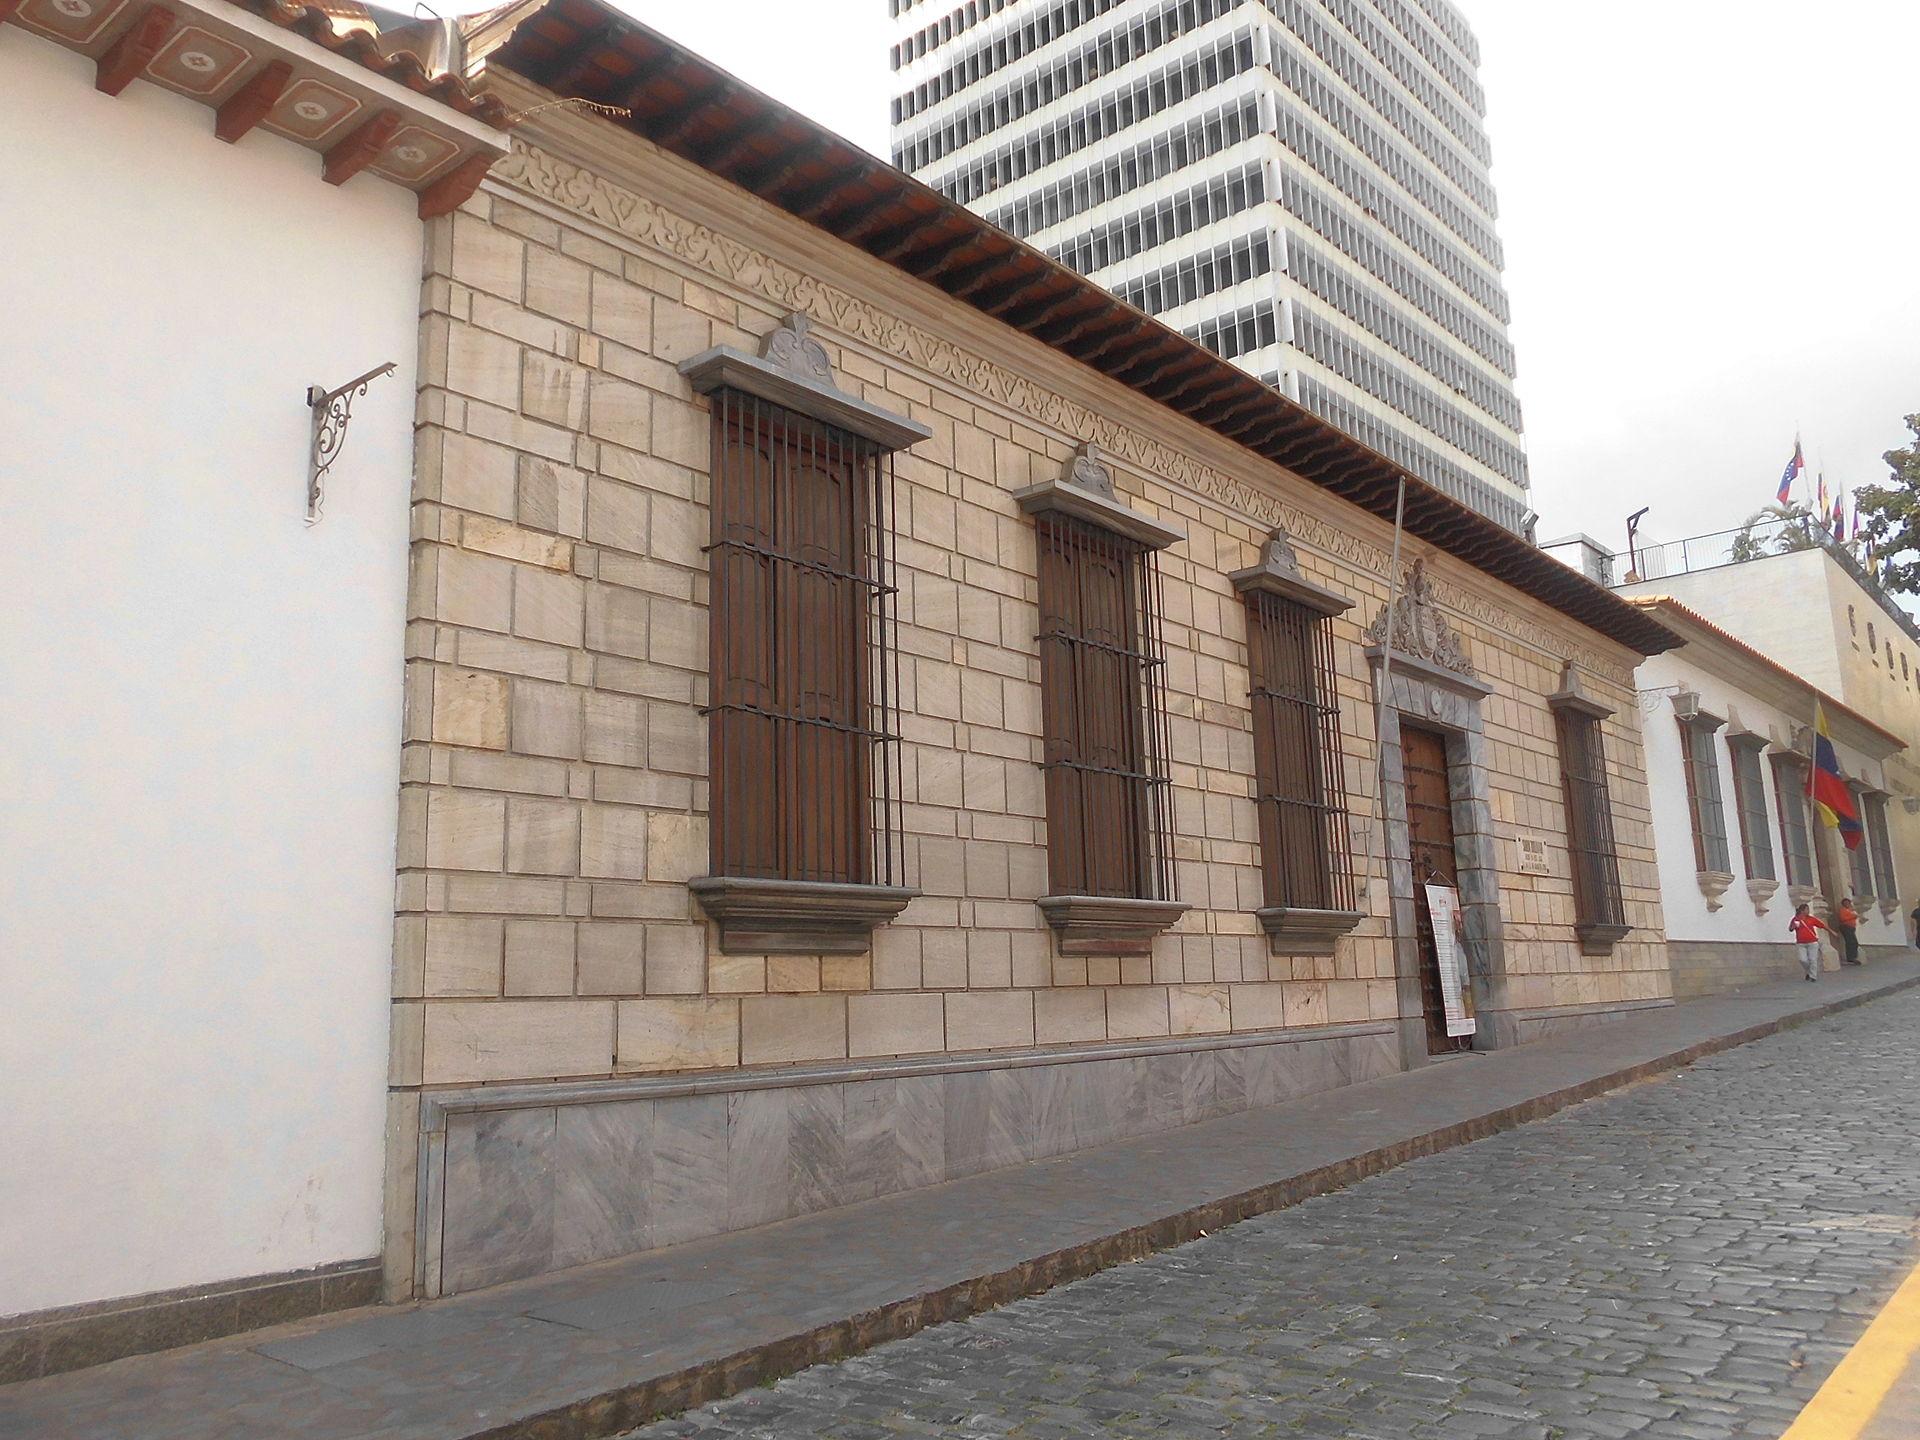 Casa natal del libertador sim n bol var wikipedia la enciclopedia libre - Casa en sabadell centro ...